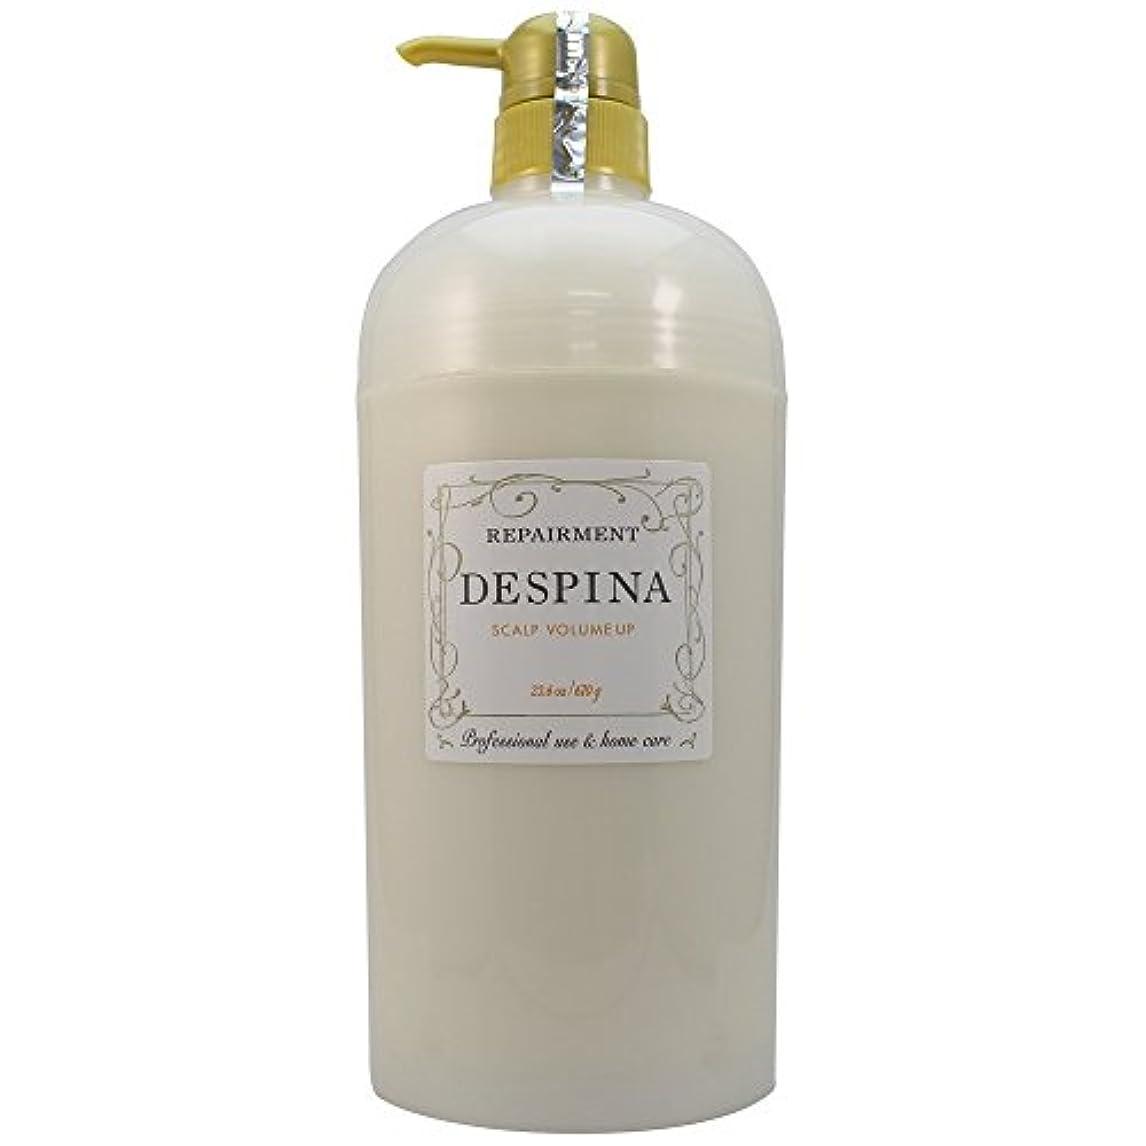 中野製薬 デスピナ リペアメント スキャルプ ボリュームアップ 670g